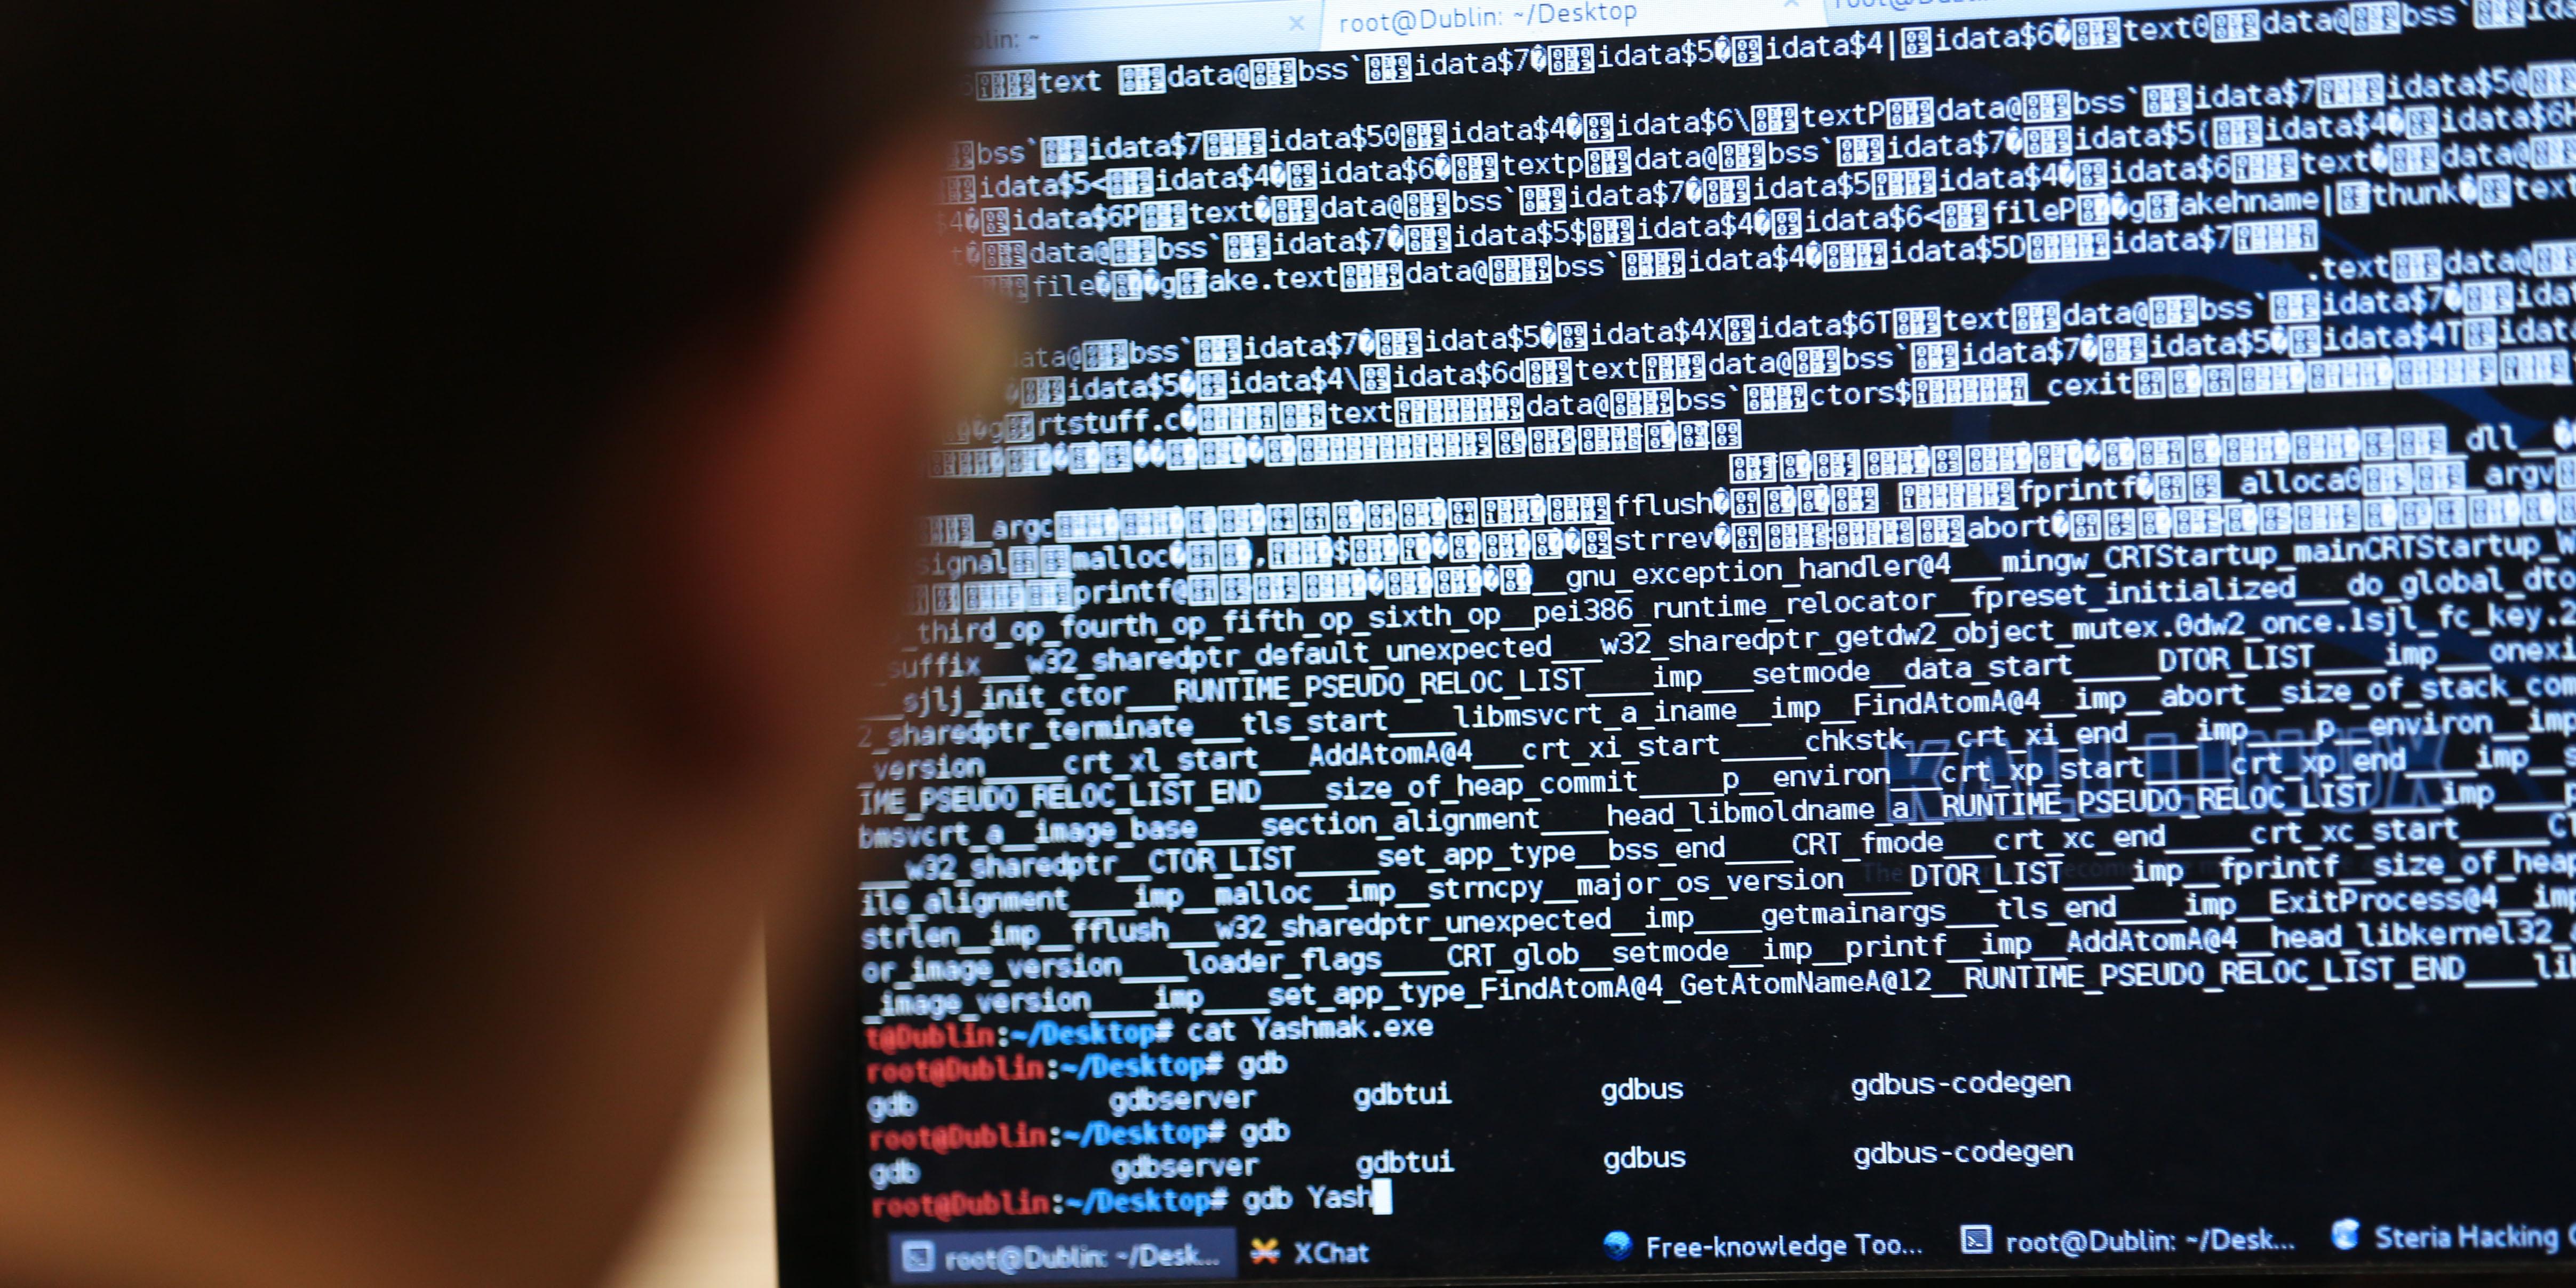 Un fichier rassemble 3,2 milliards de mots de passe volés : vrai risque ou fausse alarme ? - Europe1